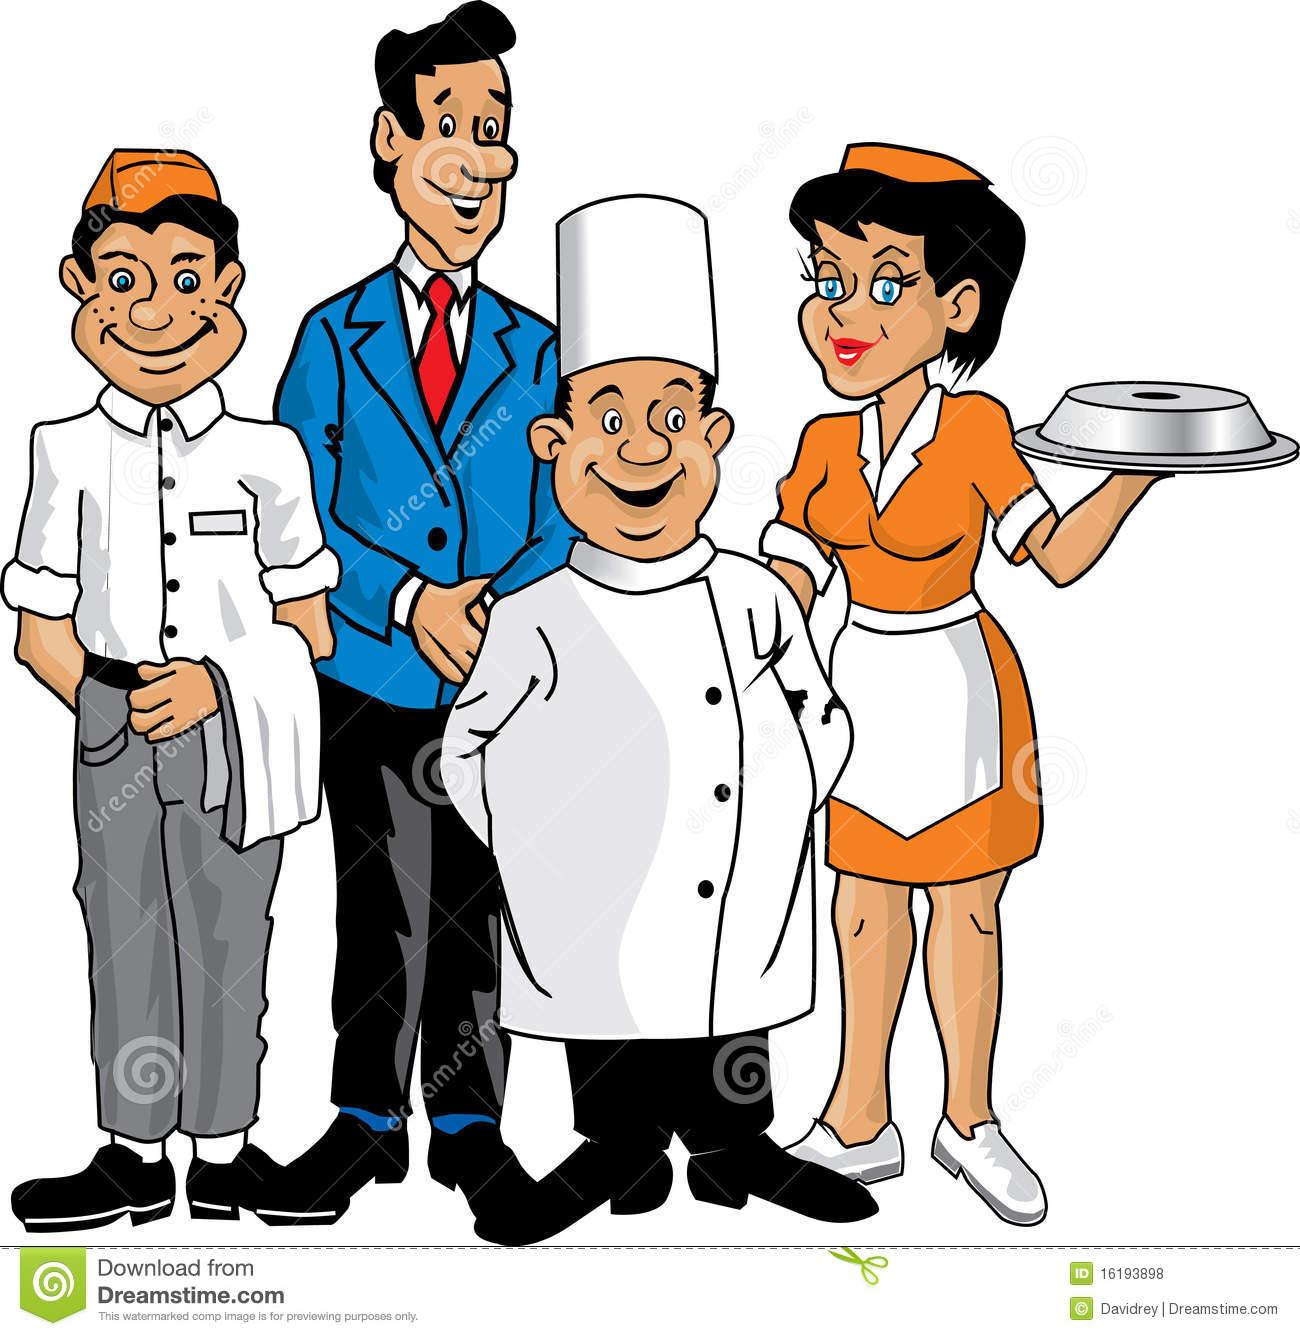 Résultats de recherche d'images pour «clipart restaurant»